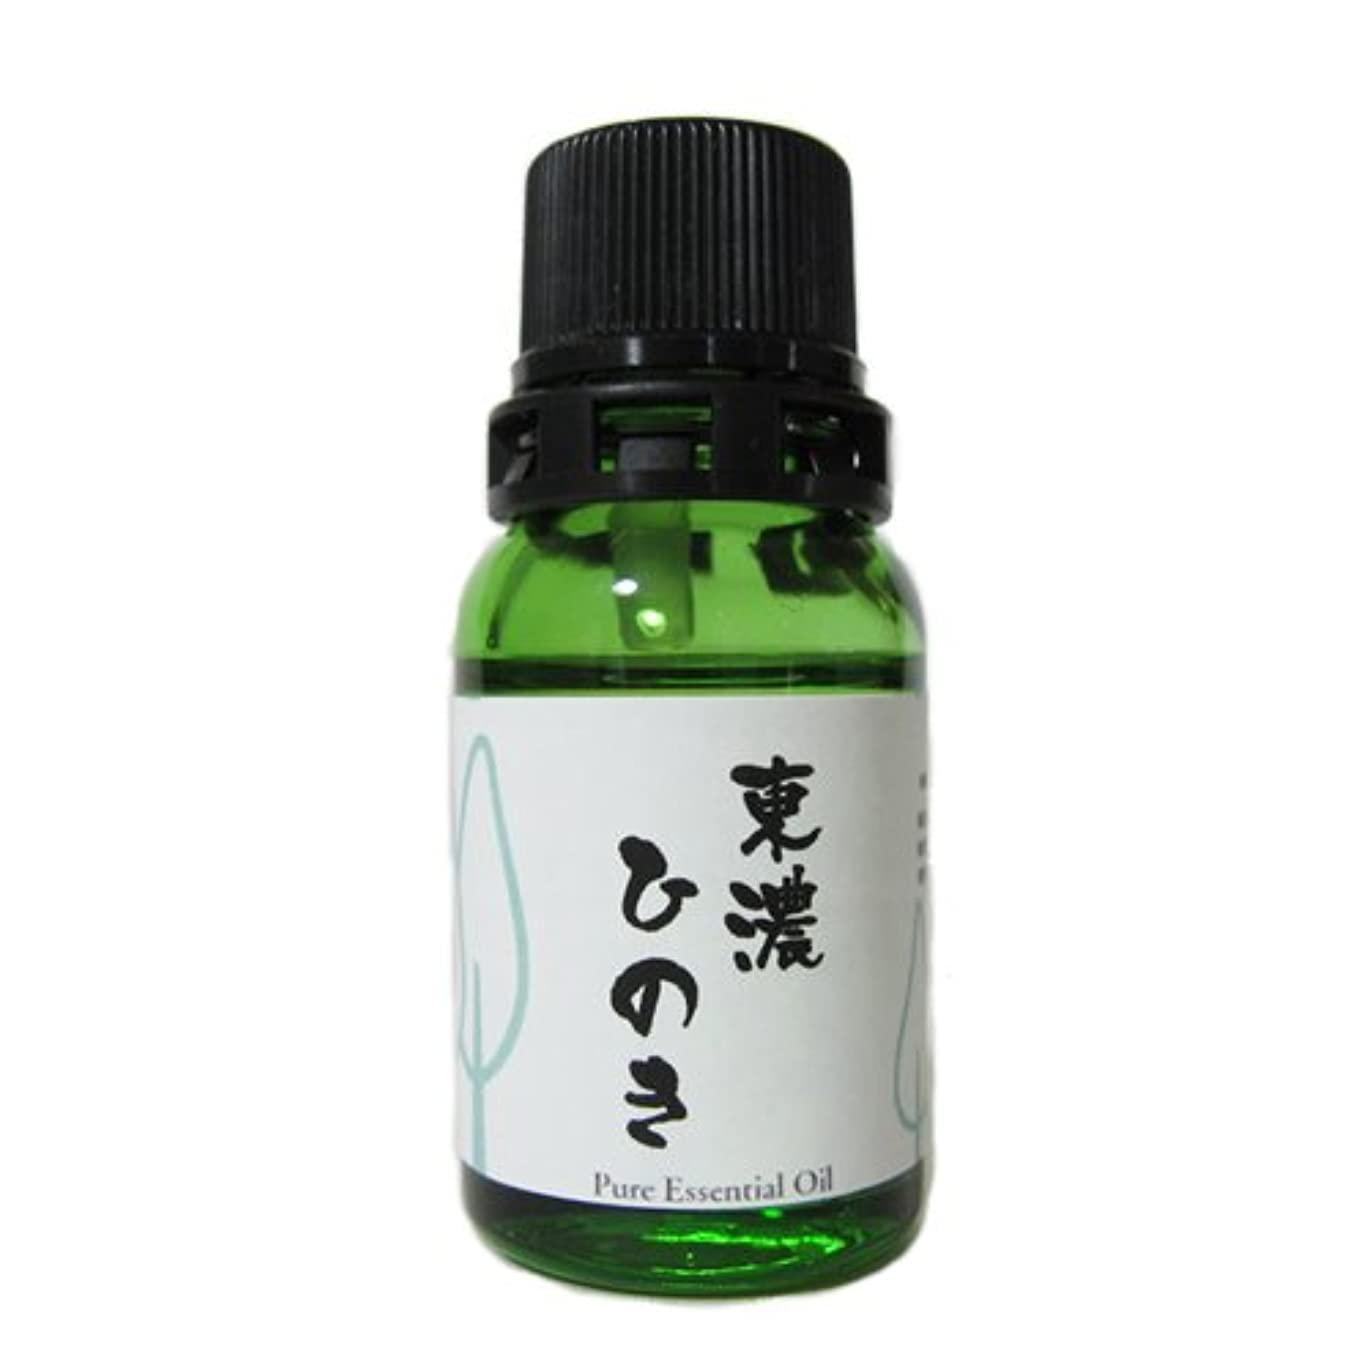 ハシー焦がすはしご和精油 東濃ひのき(岐阜県産) エッセンシャルオイル 10ml